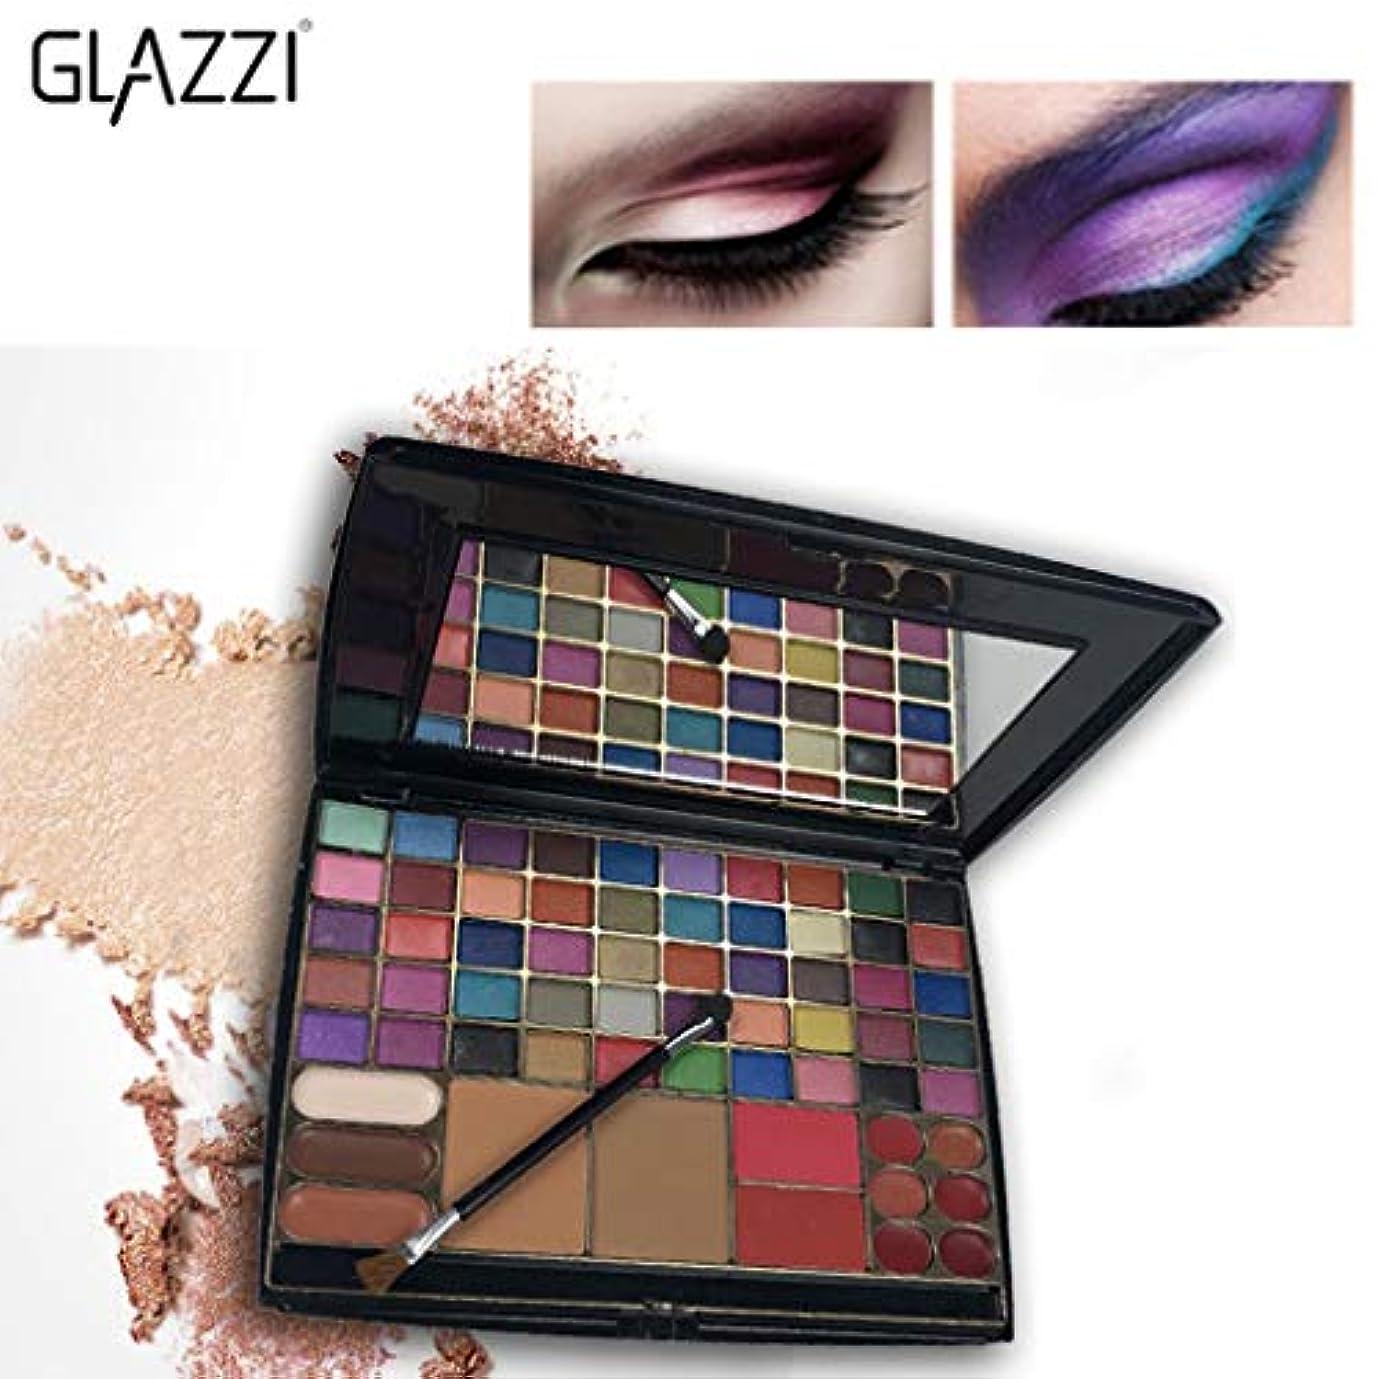 中央高速道路適度なAkane アイシャドウパレット GLAZZI 人気 超魅力的 気質的 綺麗 おしゃれ 防水 クリーム ブラシ付き 長持ち チャーム 持ち便利 Eye Shadow (63色) GZ8040062